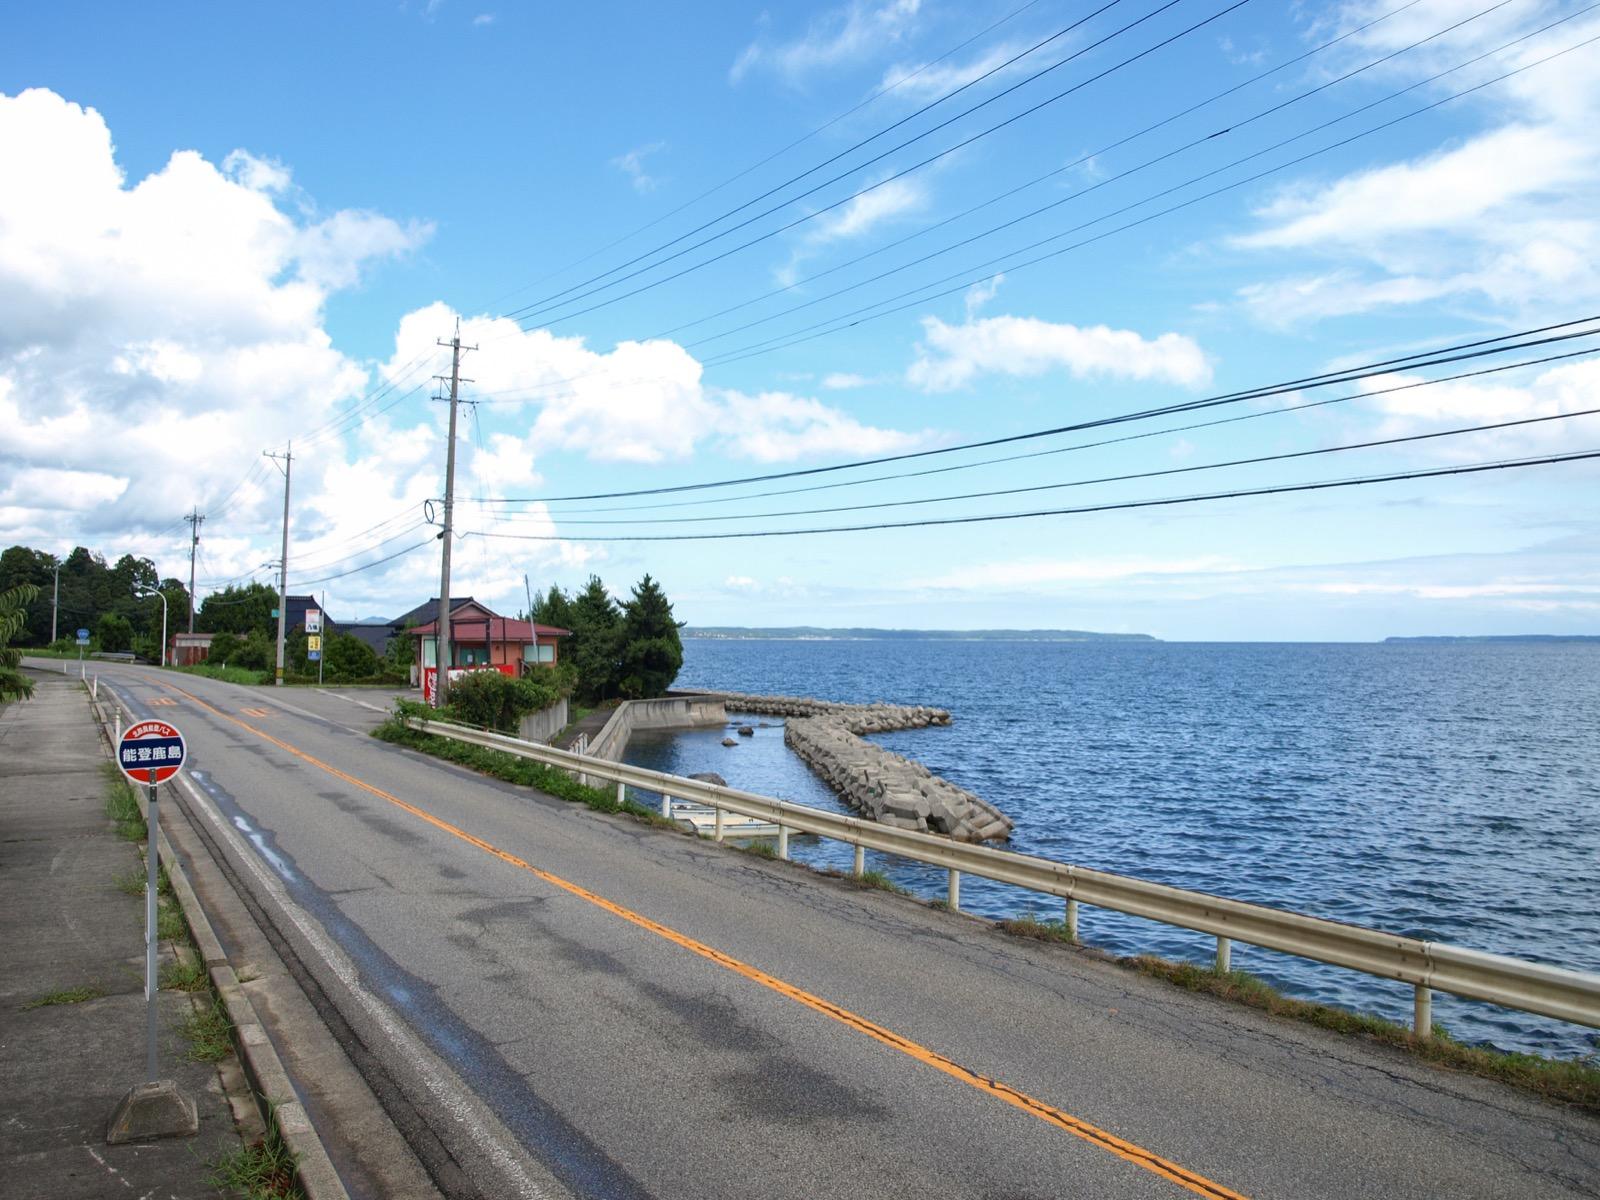 能登鹿島駅(能登さくら駅)前を通る国道249号線と、七尾湾の海岸線